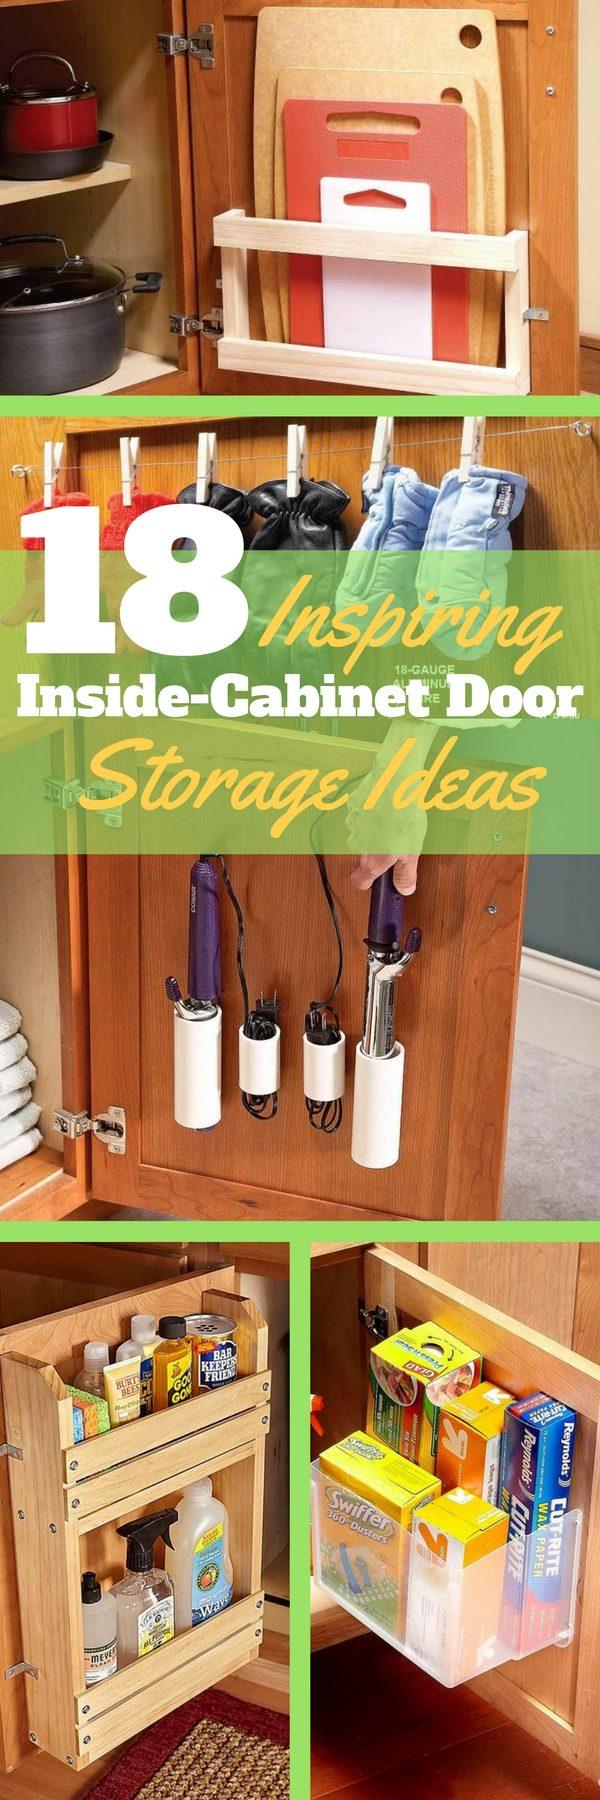 18 Inspiring Inside-Cabinet Door Storage Ideas | The ...